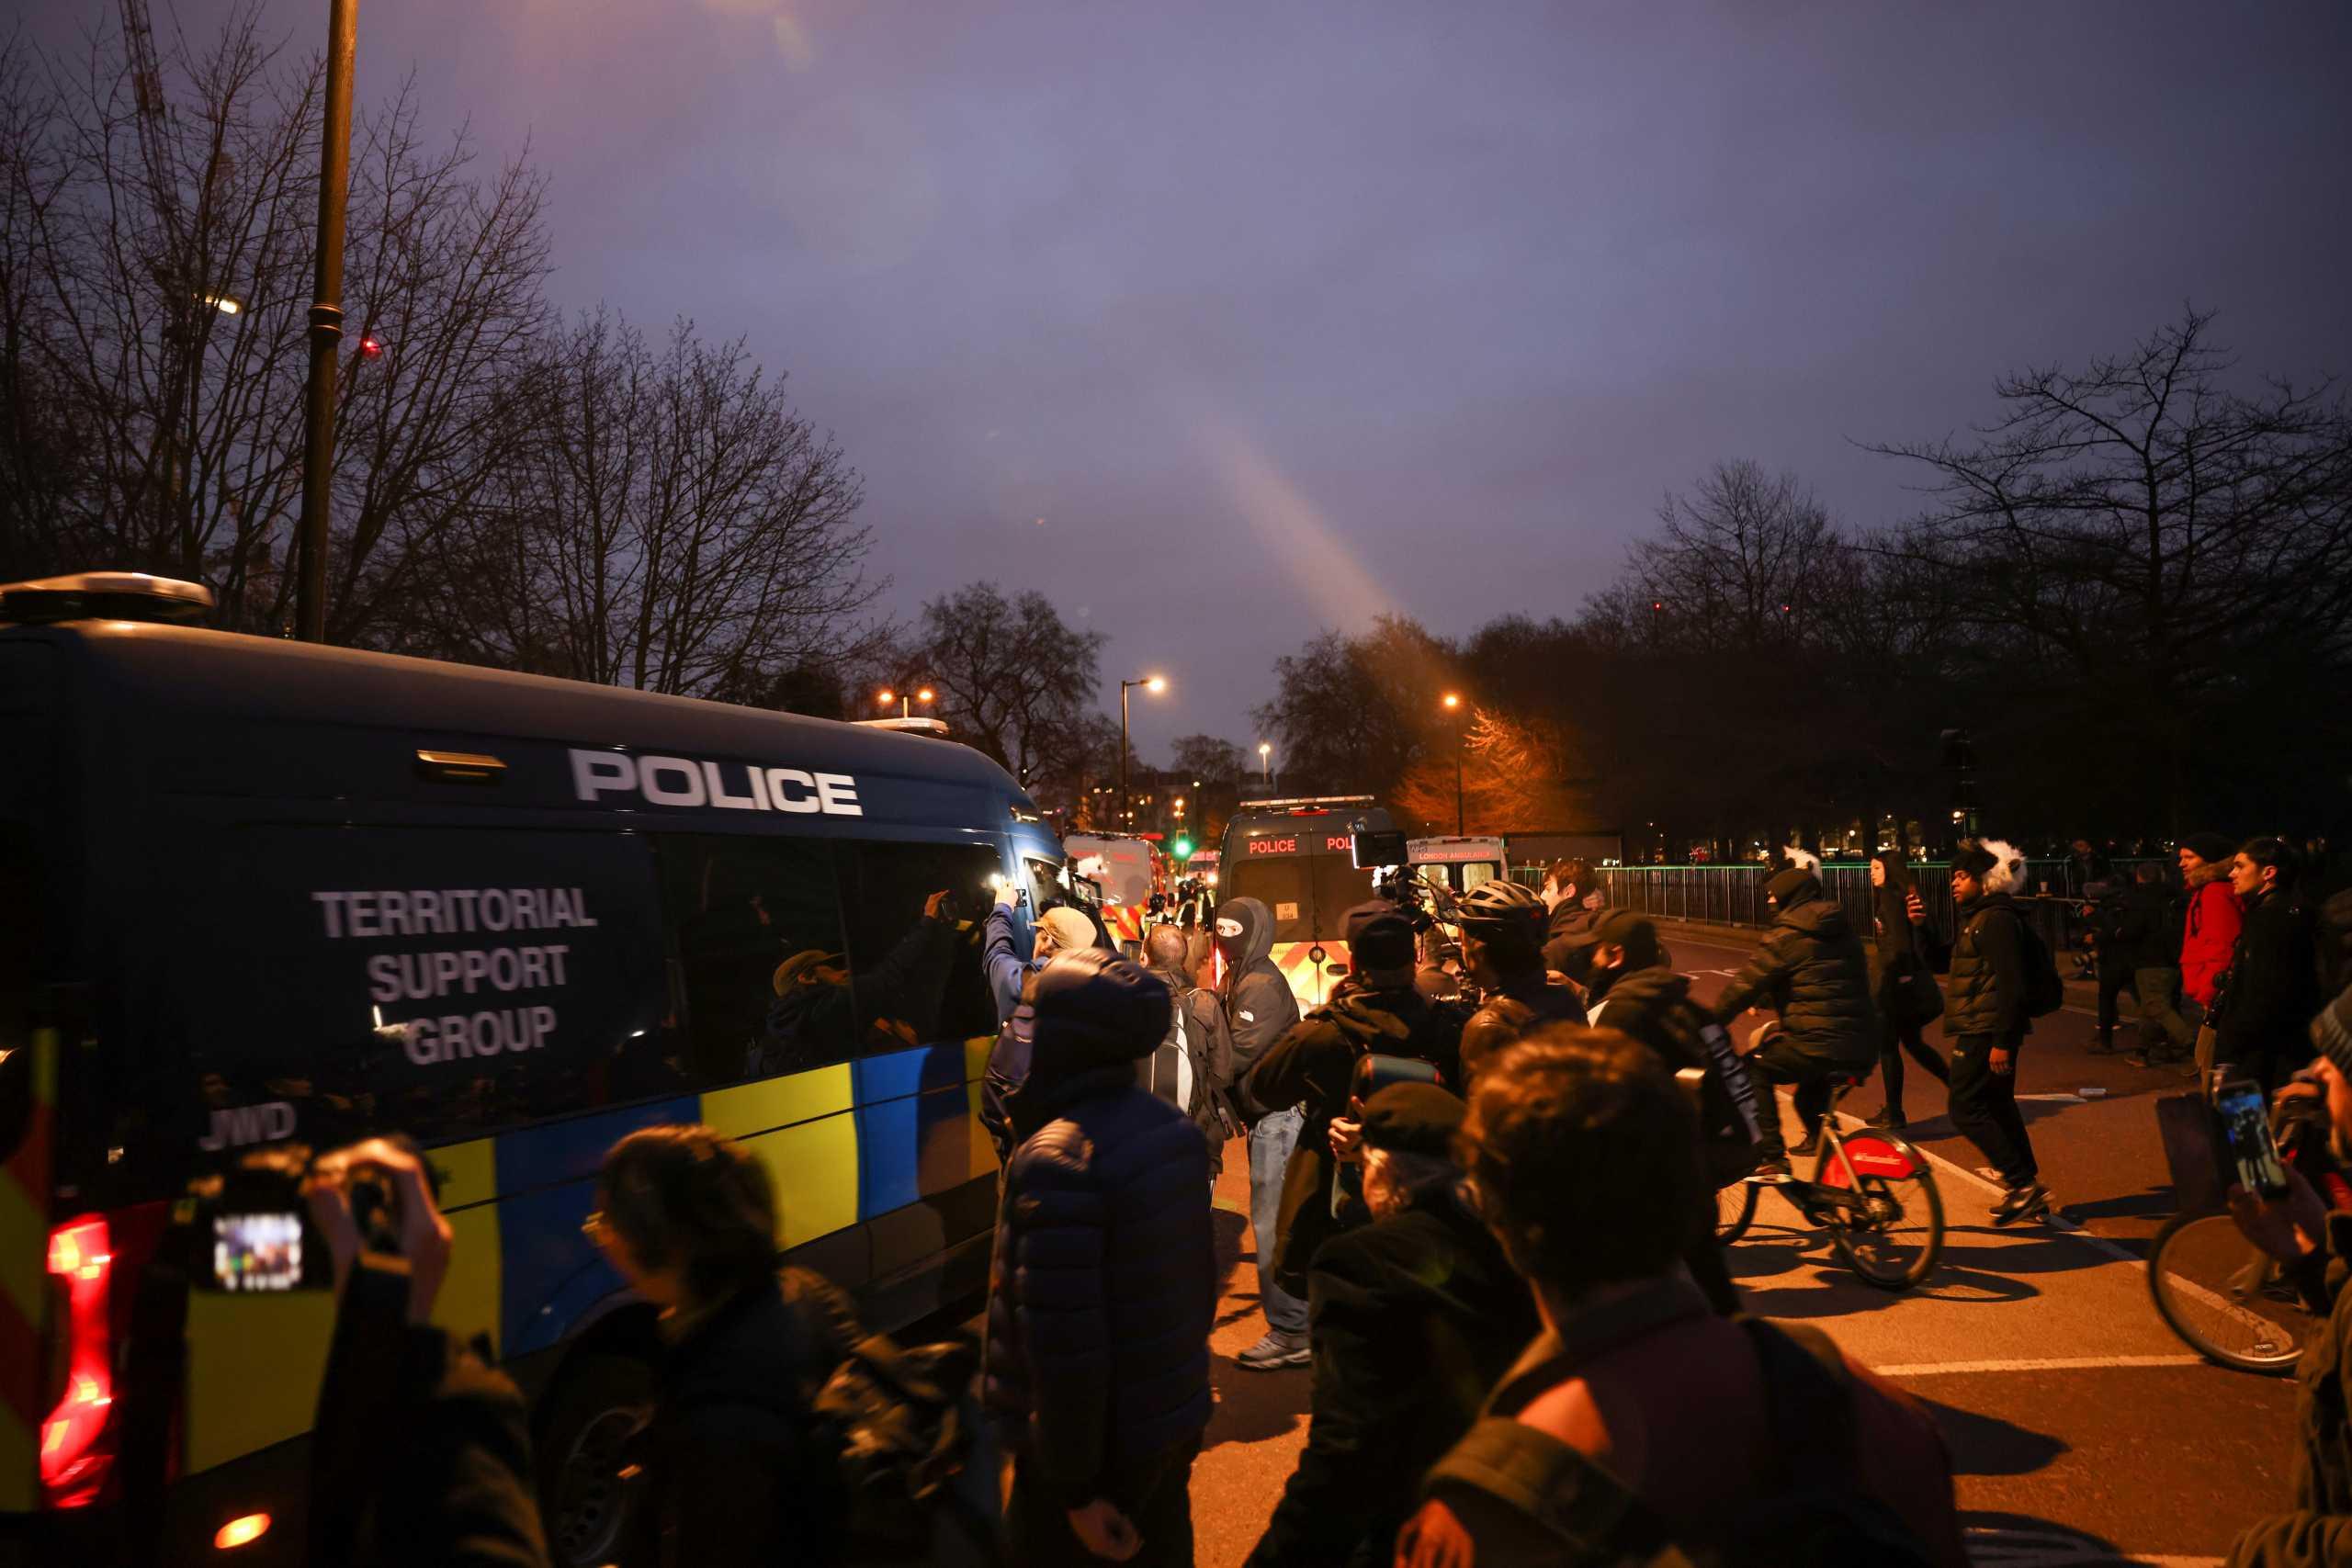 Ταραχές στο Λονδίνο και 33 συλλήψεις σε διαδήλωση κατά των μέτρων για την πανδημία